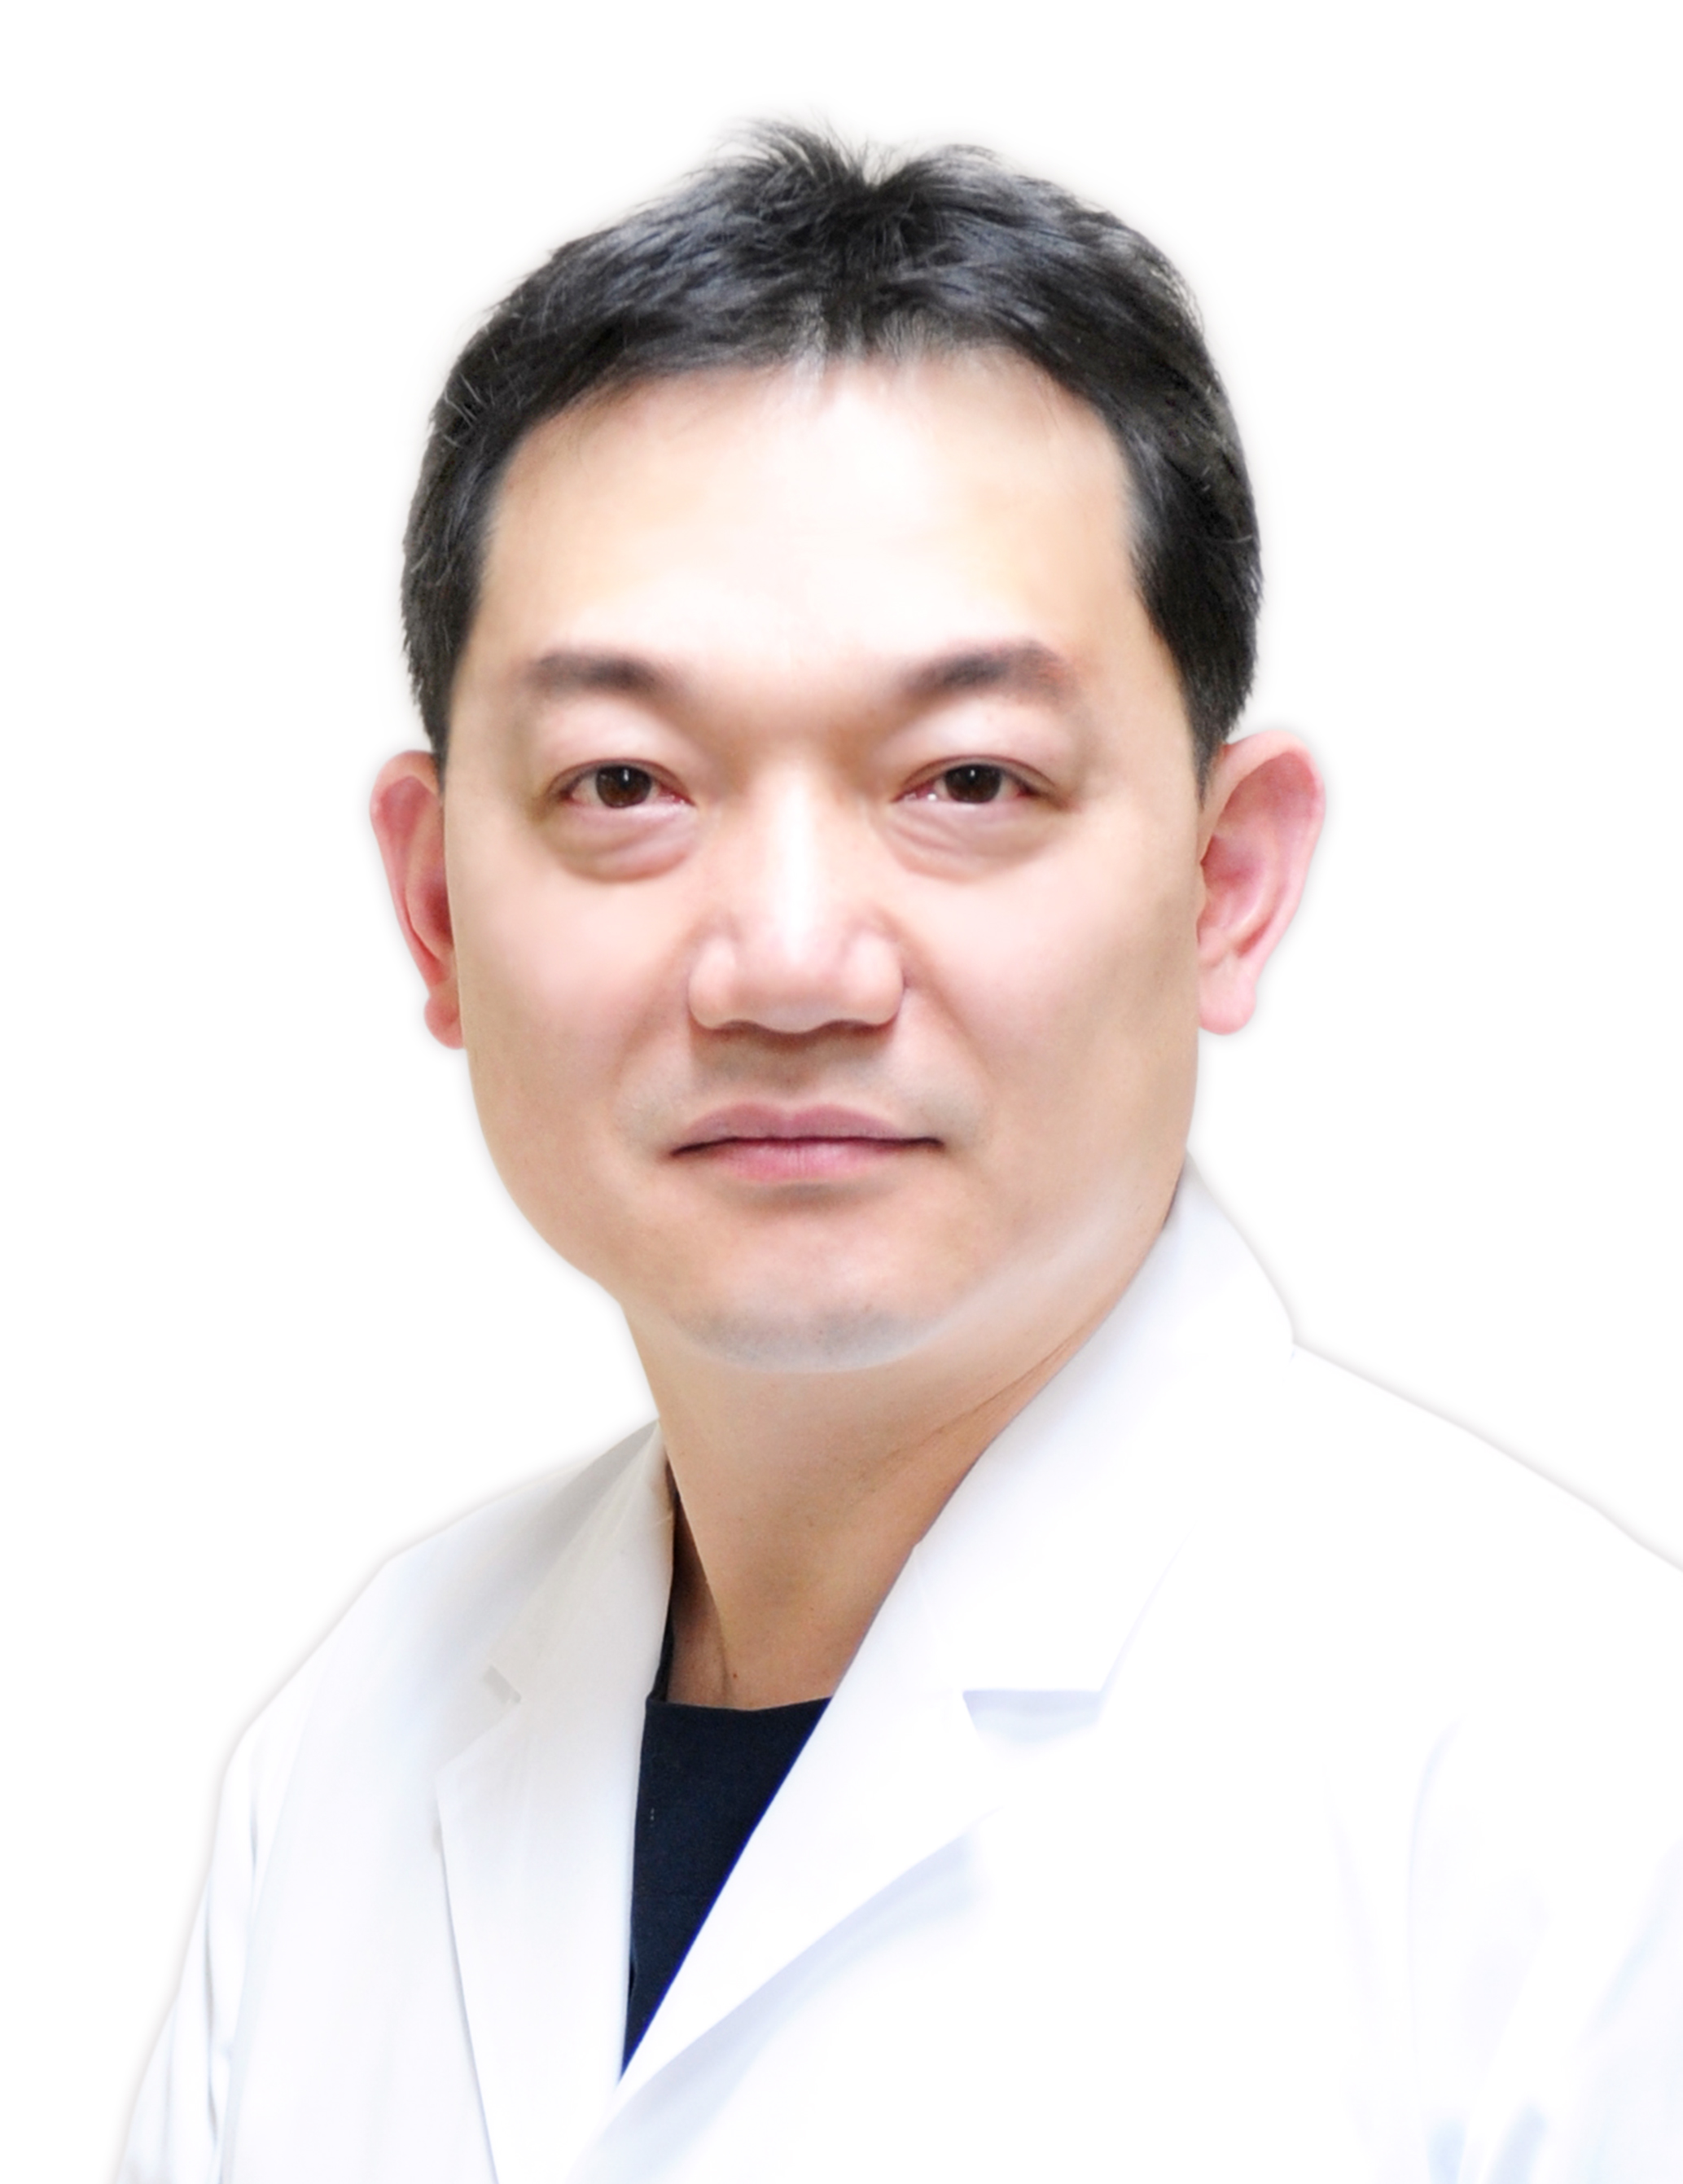 참튼튼병원_보도자료9회차_은평_정재원_척추신경손상.jpg